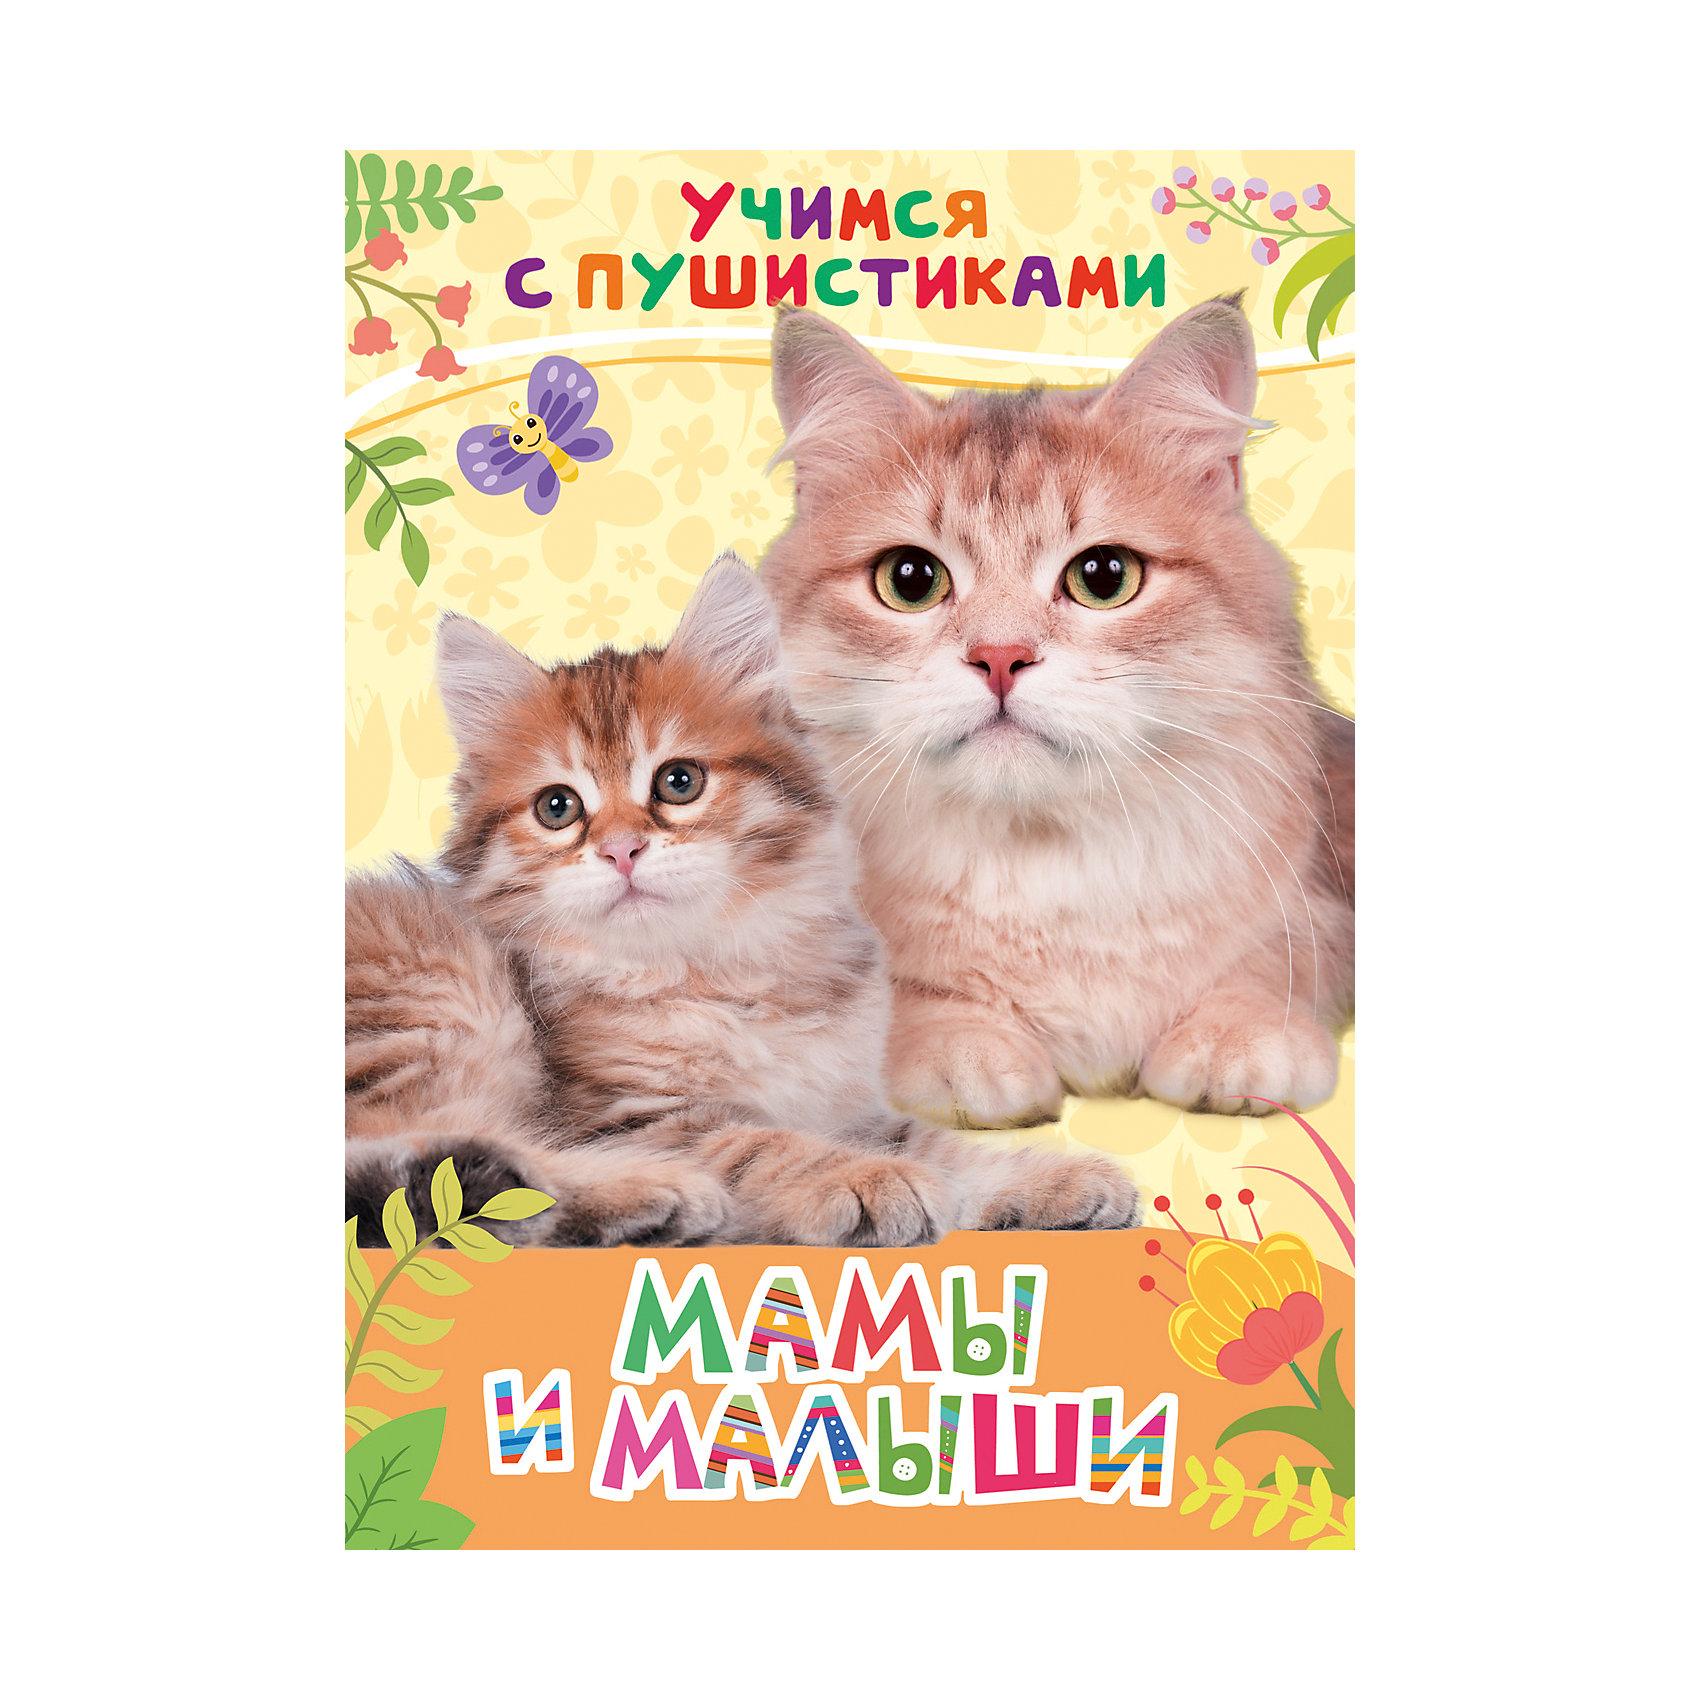 Стихи Мамы и малыши: учимся с пушистикамиЭнциклопедии для малышей<br>Стихи Мамы и малыши. Учимся с пушистиками<br><br>Характеристики:<br><br>• ISBN: 9785353081562<br>• Количество страниц: 8<br>• Формат: А4<br>• Обложка: твердая <br>• Материал: картон<br><br>Эта книга расскажет вашему ребенку об обитателях российского леса - лисах, ежах, енотах, белках и многих других удивительных животных, которых можно встретить на обычной прогулке за городом. Книга снабжена красочными фотографиями, рассматривая которые, ваш ребенок сможет ознакомиться с тем, как выглядят все эти звери. А занимательные стихи современной поэтессы - Галины Дядиной расскажут детям о том, как живут и как ведут себя эти удивительные создания.<br><br>Стихи Мамы и малыши. Учимся с пушистиками можно купить в нашем интернет-магазине.<br><br>Ширина мм: 218<br>Глубина мм: 159<br>Высота мм: 40<br>Вес г: 110<br>Возраст от месяцев: -2147483648<br>Возраст до месяцев: 2147483647<br>Пол: Унисекс<br>Возраст: Детский<br>SKU: 5507122